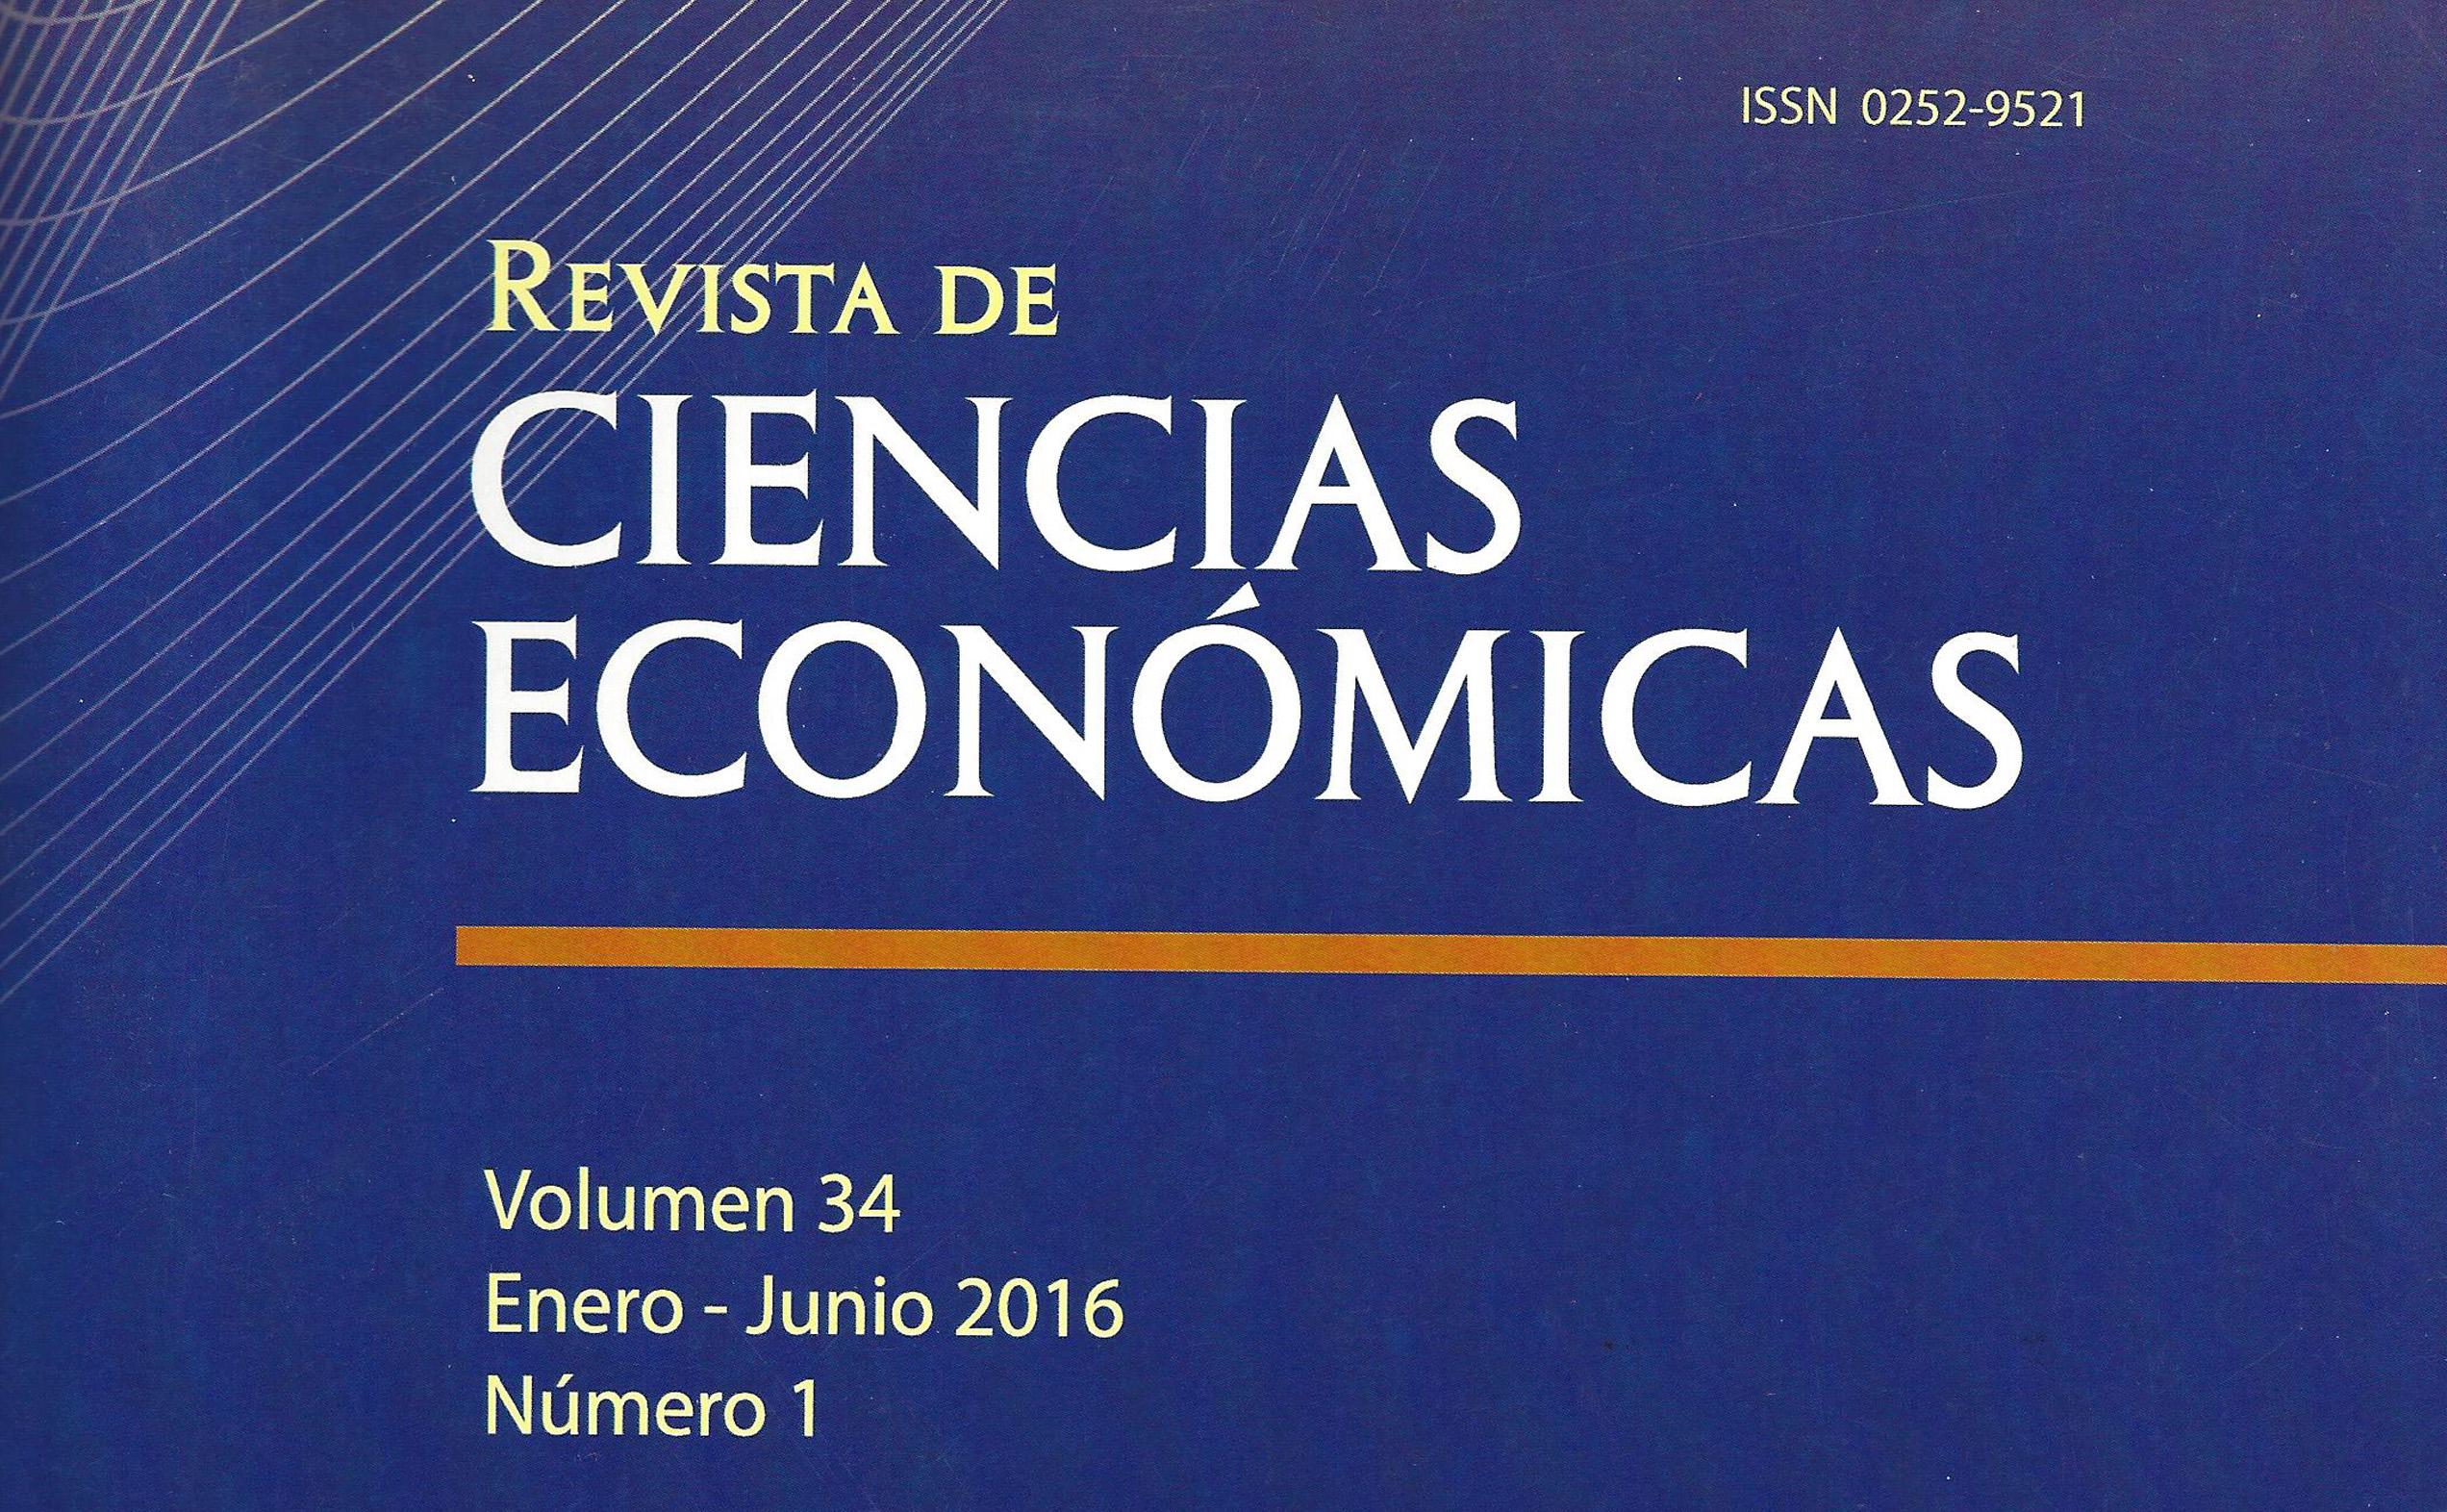 el concejo editorial de la revista de ciencias econmicas invita a docentes e as a enviar artculos para su publicacin